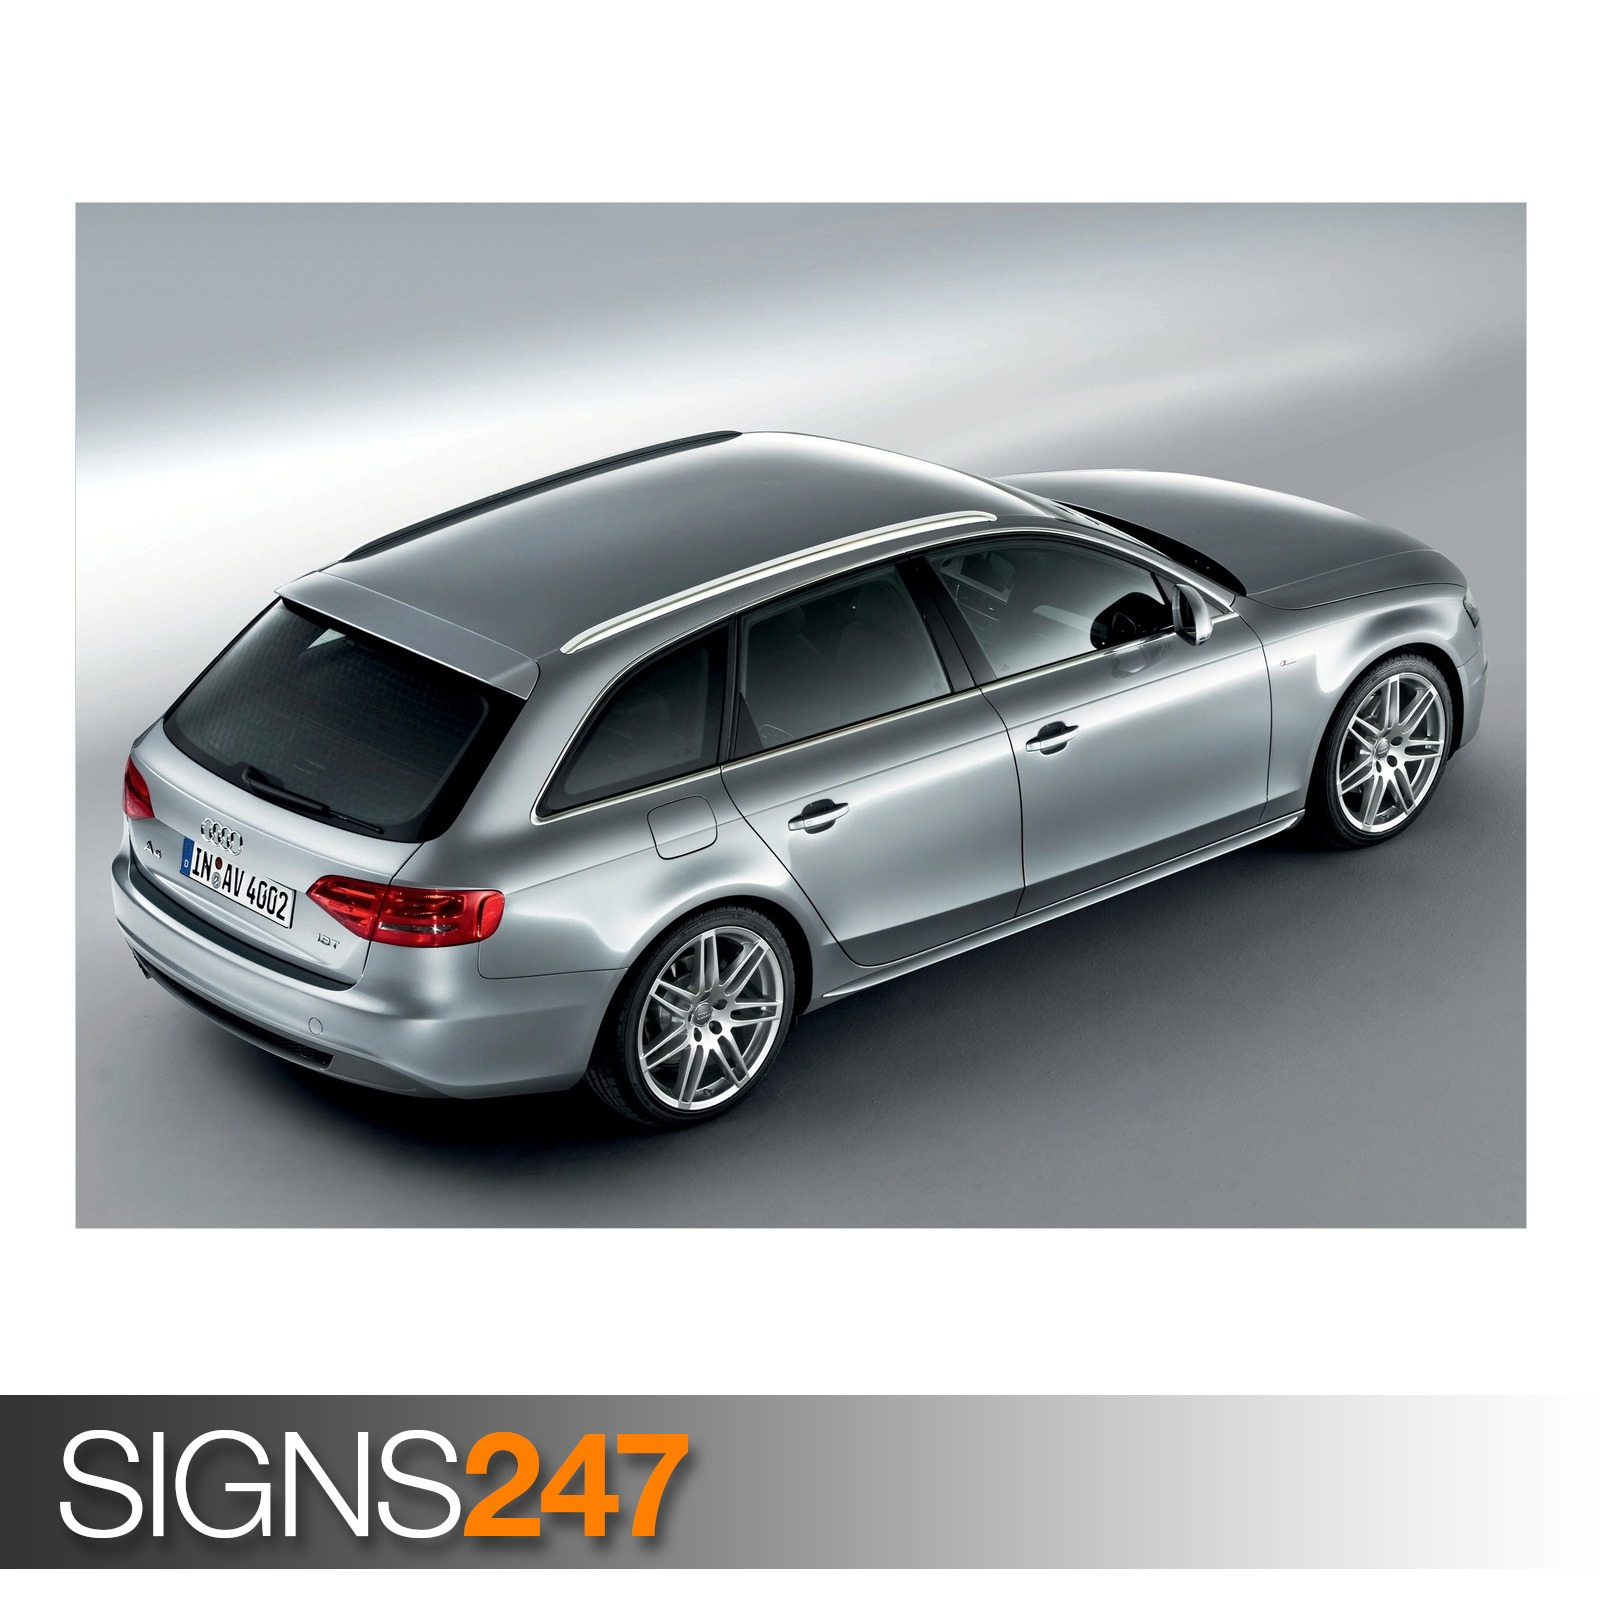 AUDI A4 1.8 TFSI S LINE AVANT (AB954) CAR POSTER